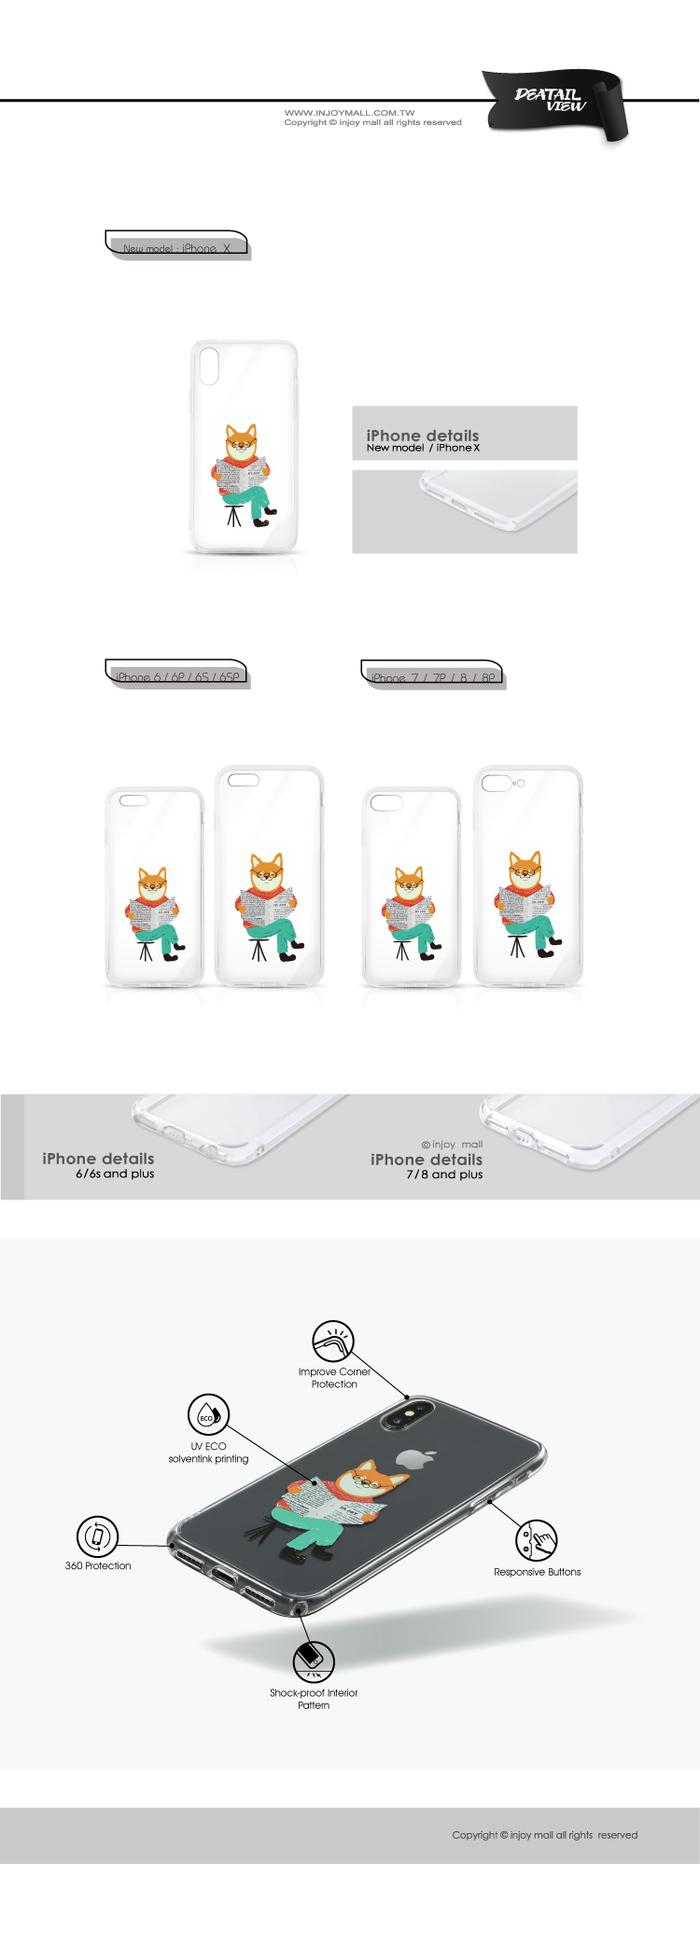 (複製)INJOY mall iPhone 6 / 7 / 8 / Plus / X 系列 Look me紅唇女孩 耐衝擊防摔手機殼